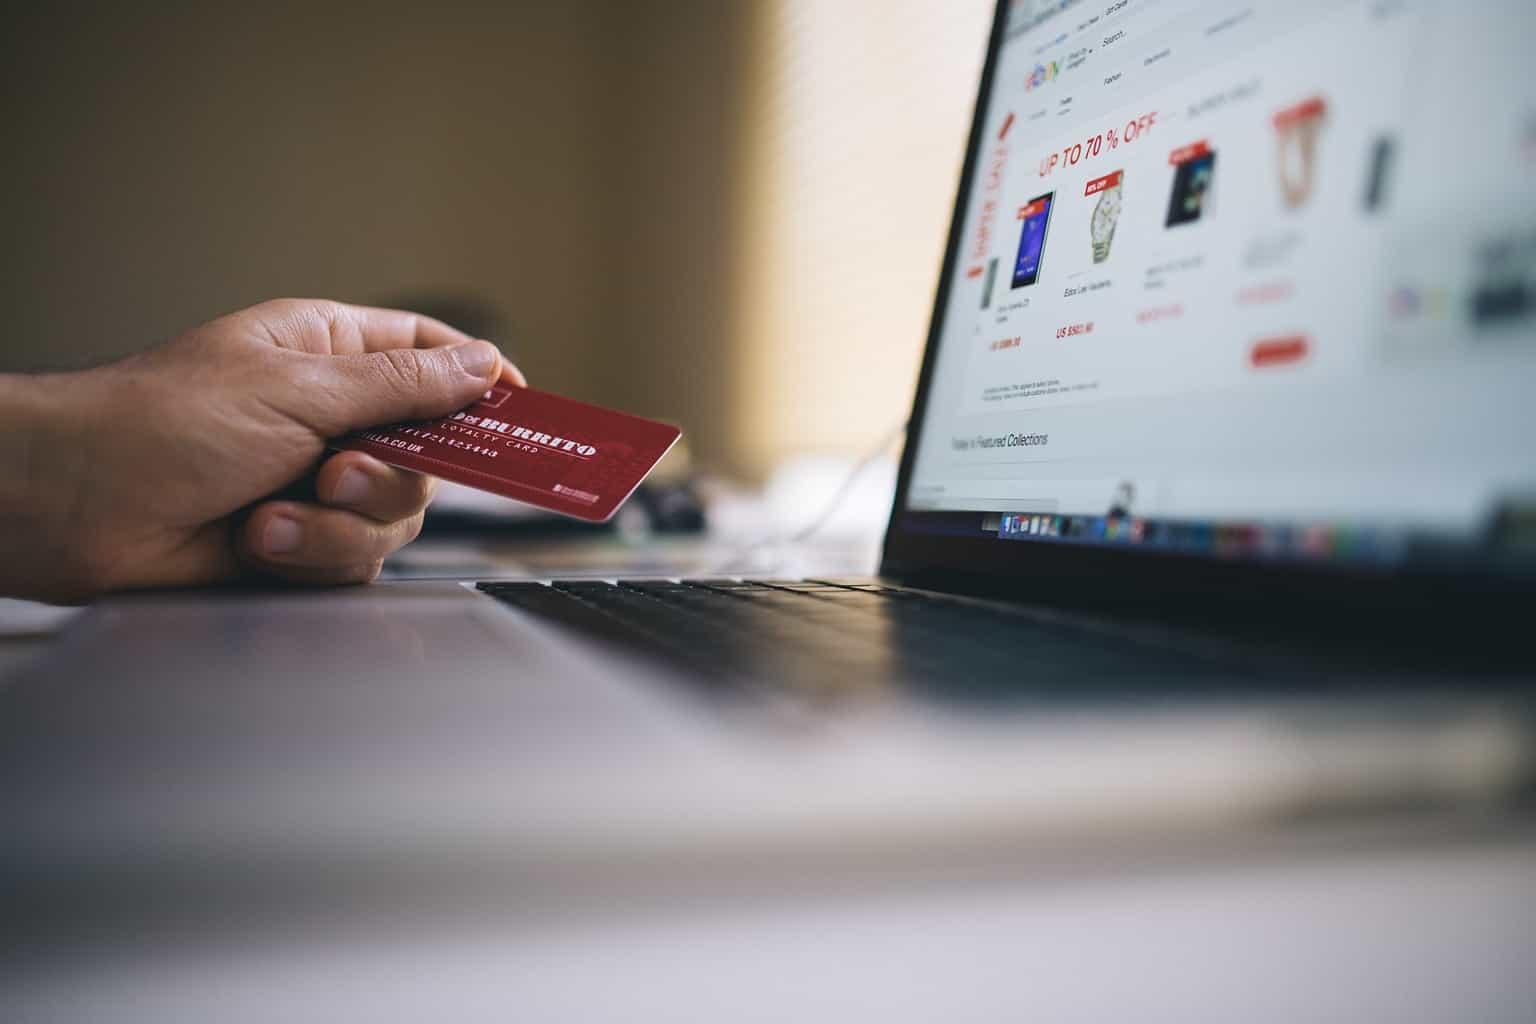 De nye kredittkortene